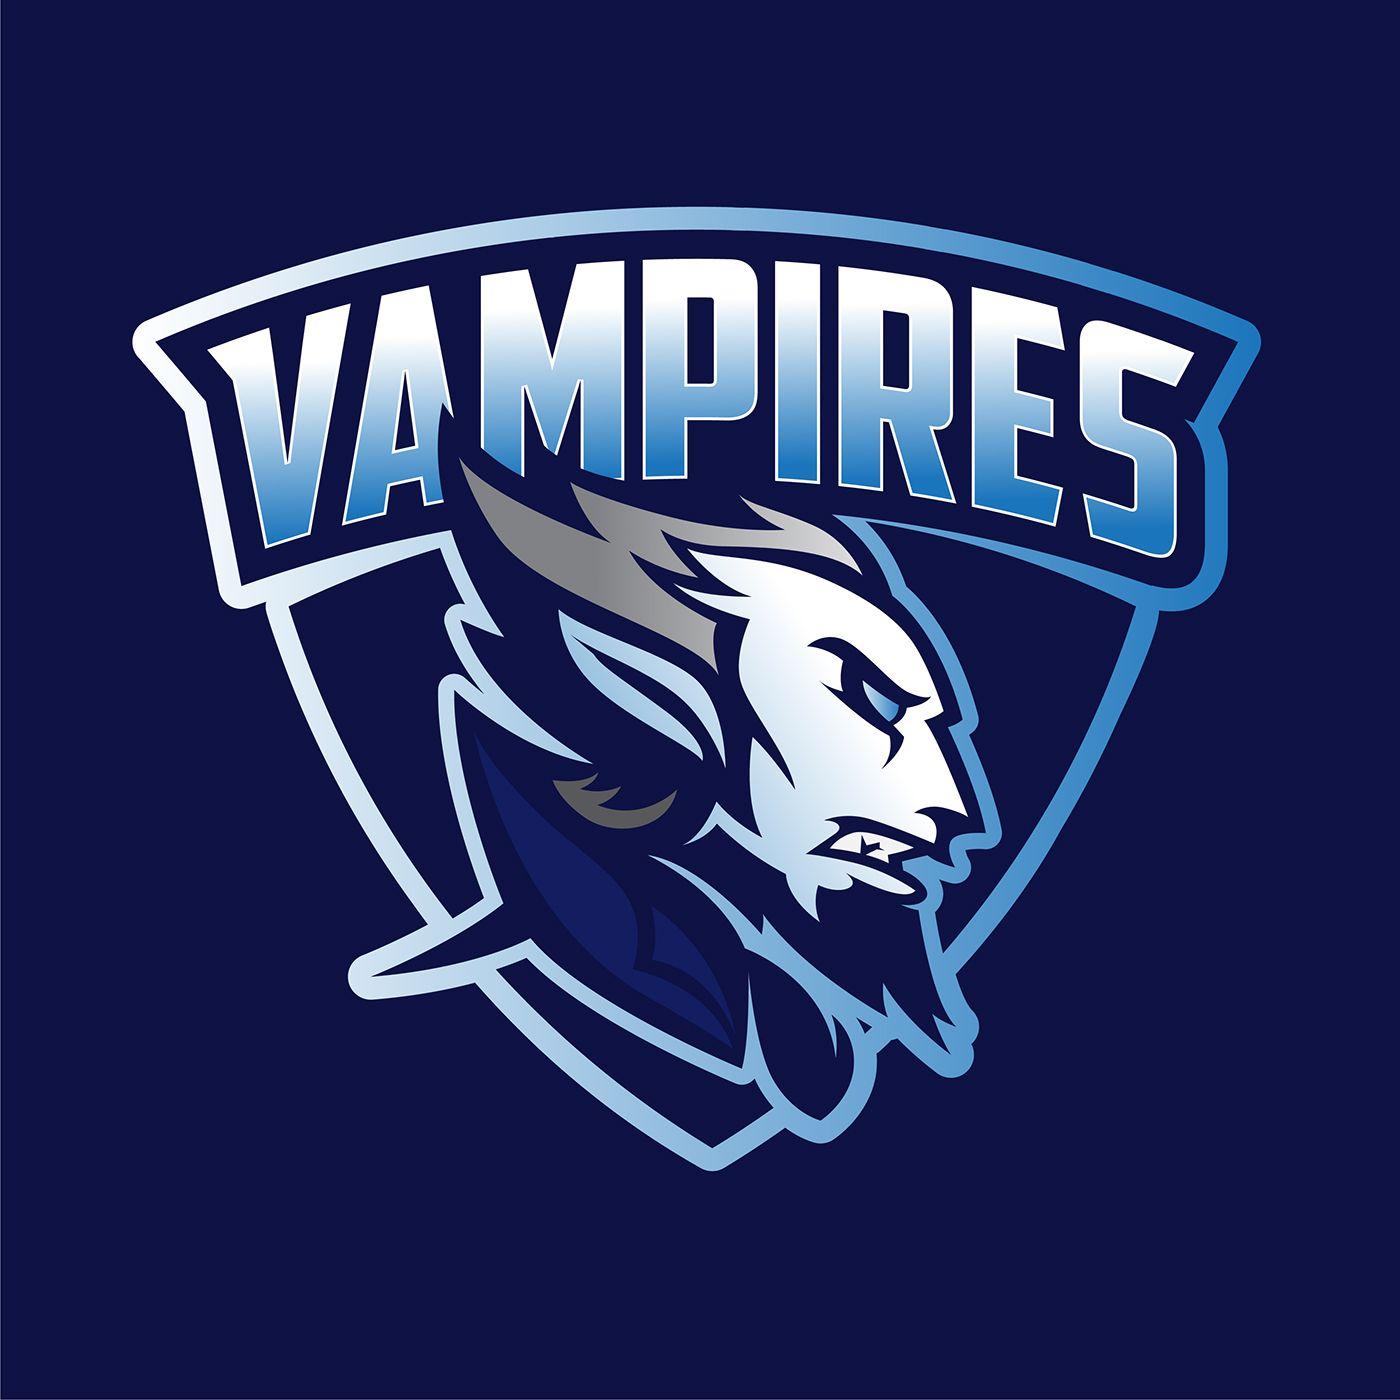 Vampires Logo Concept For Sale On Behance